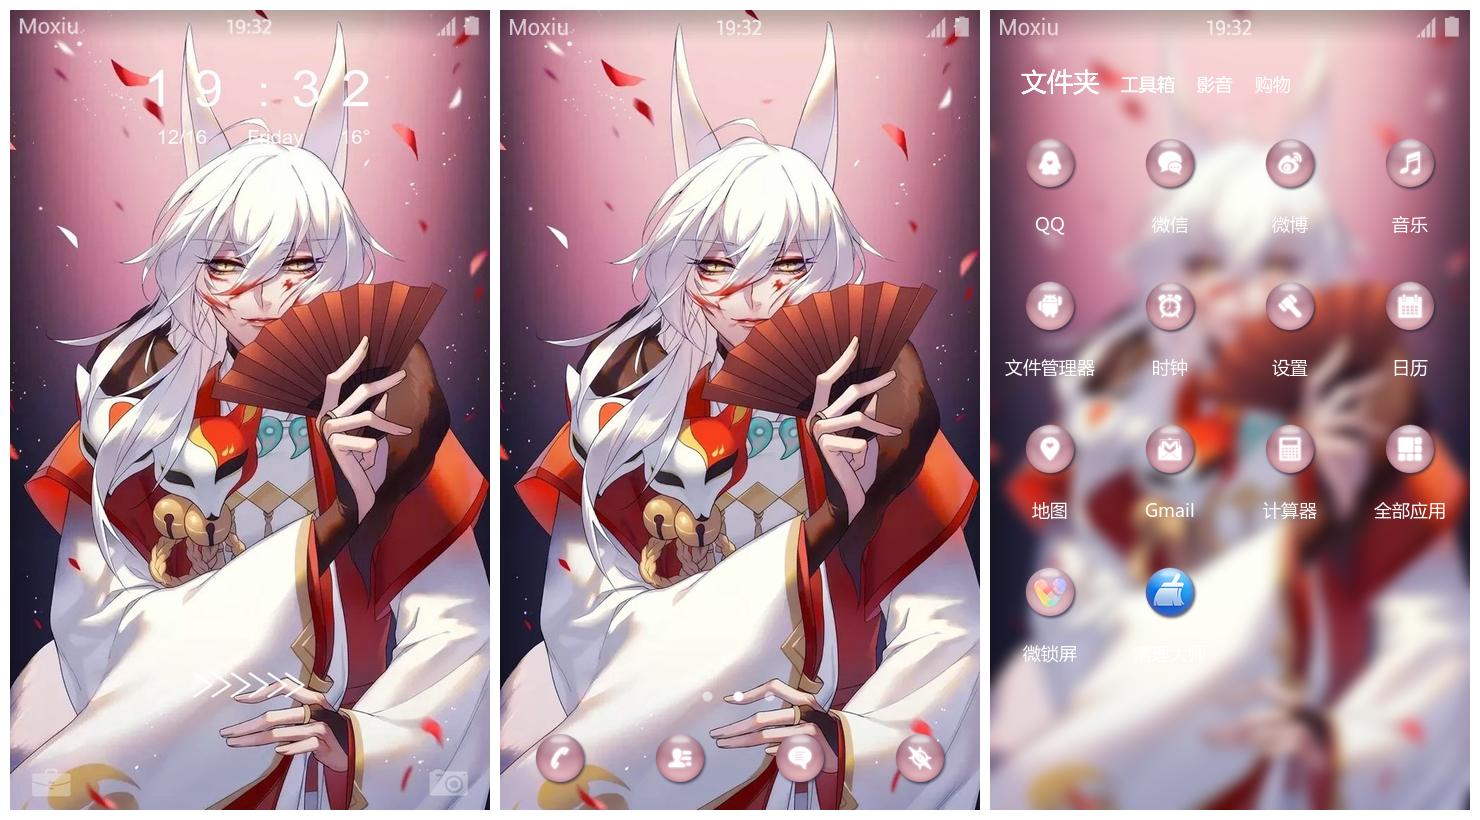 妖狐手机主题,阴阳师手机主题,动漫手机主题